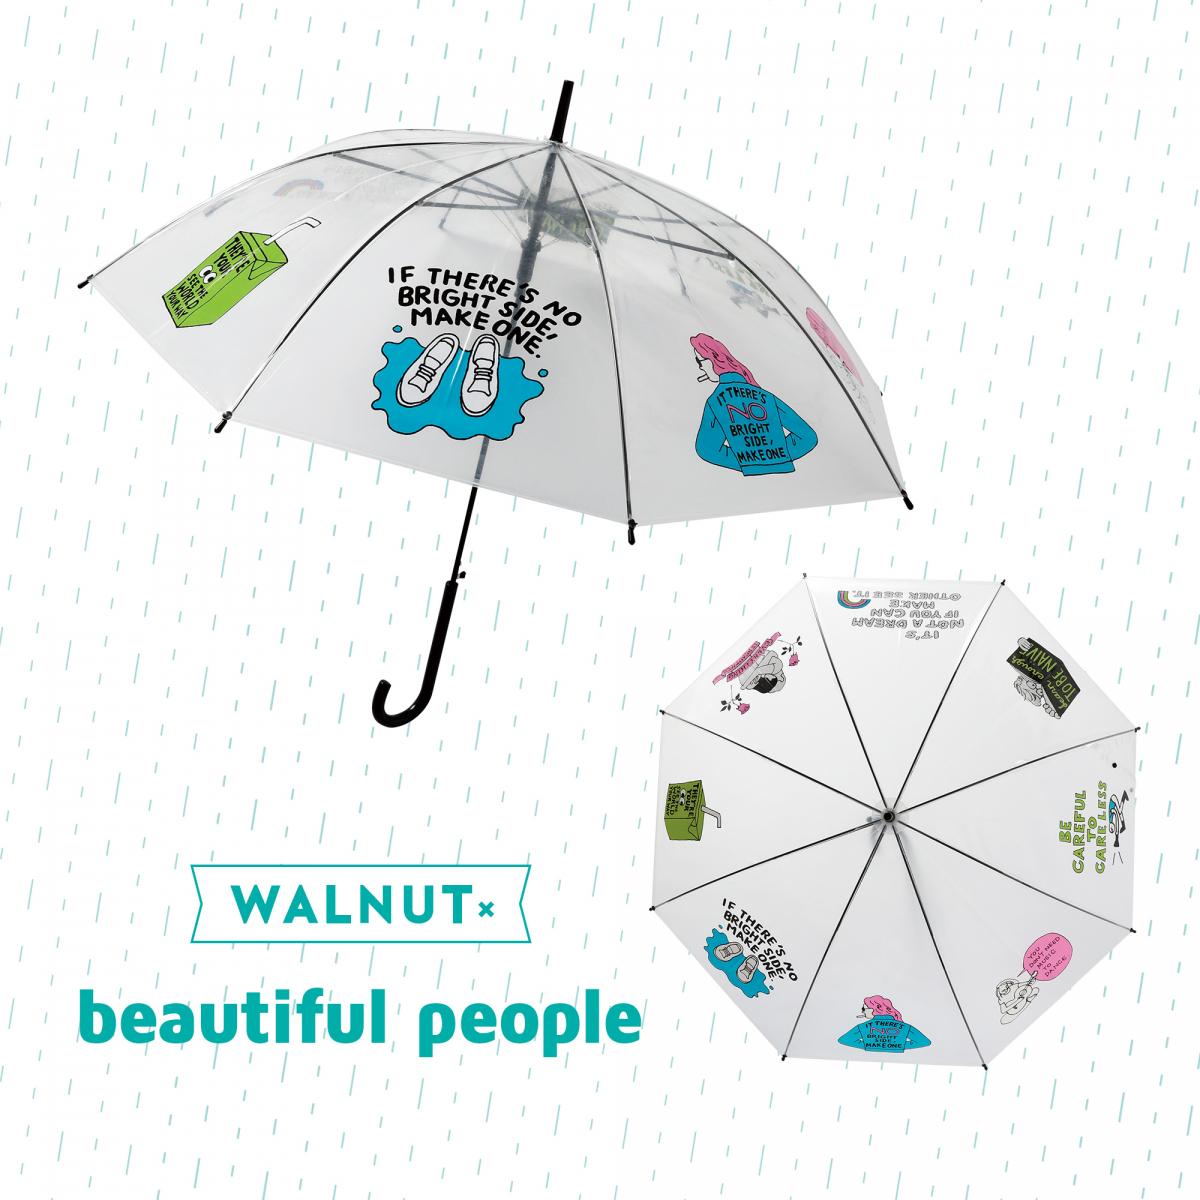 人気イラストレーターwalnut人気ブランドのスペシャルコラボ傘